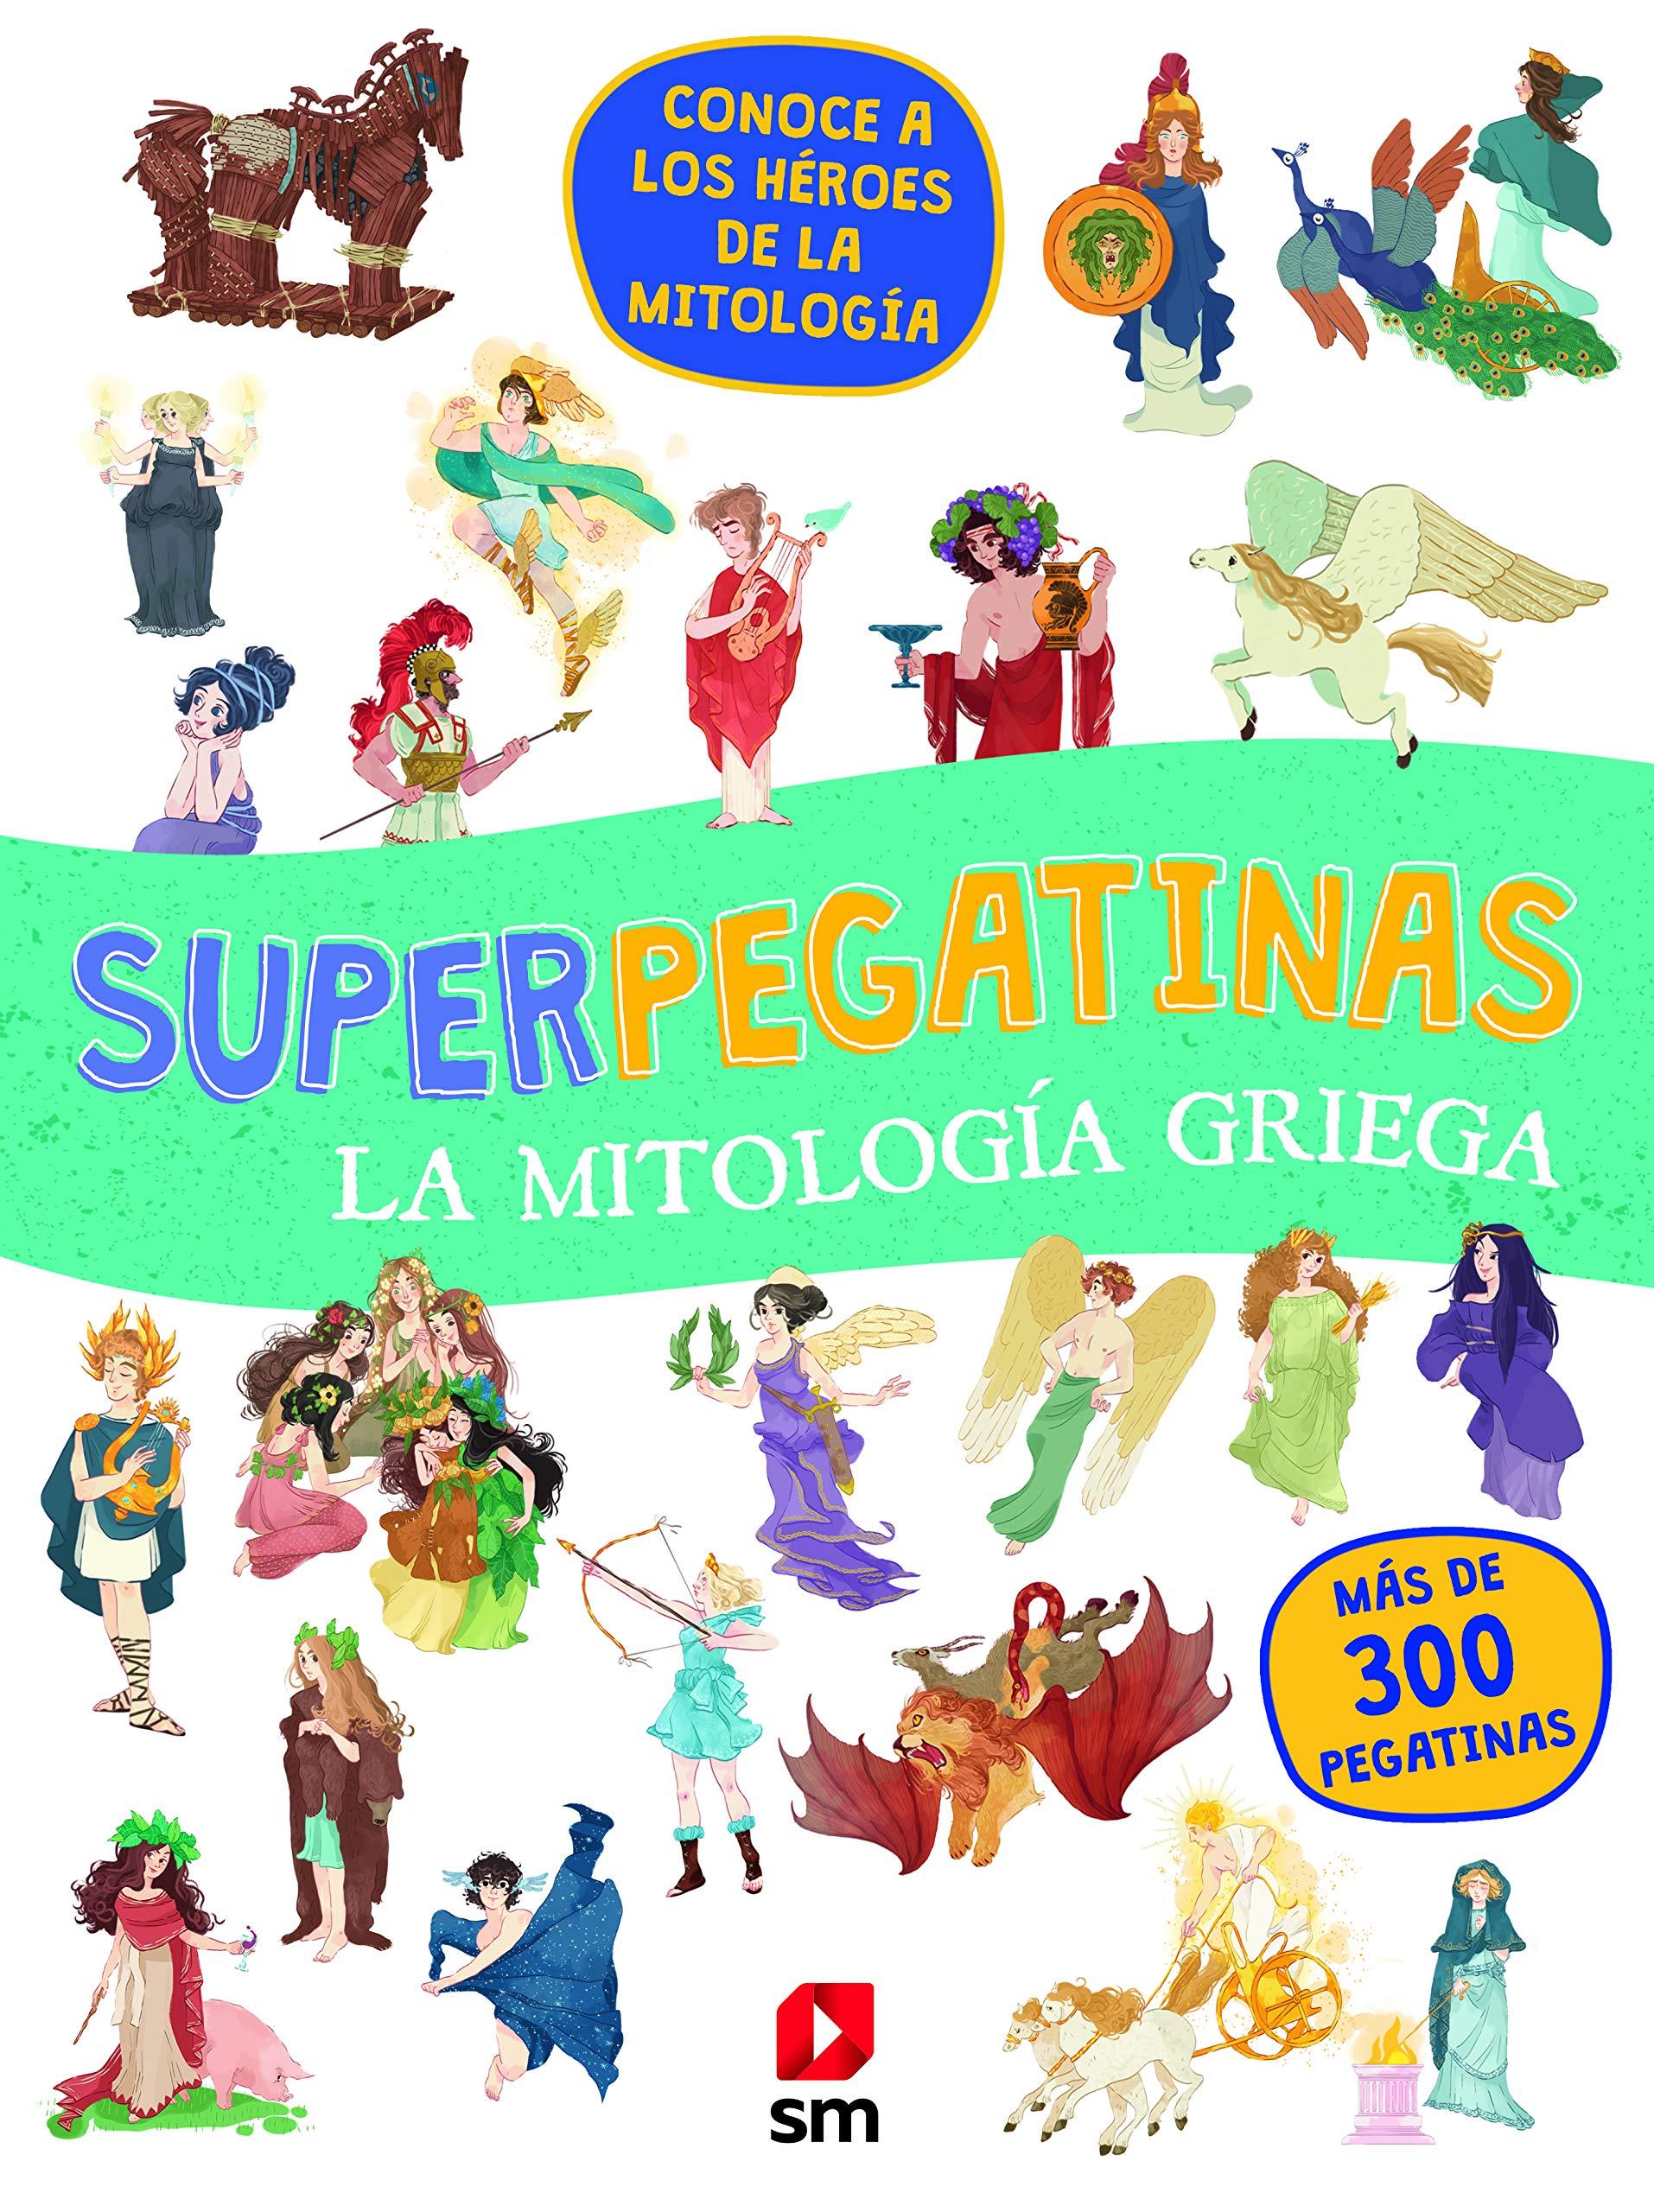 Superpegatinas La mitología griega: Amazon.es: Varios Autores,, Macini, Fabio, Serrano, Beatriz: Libros